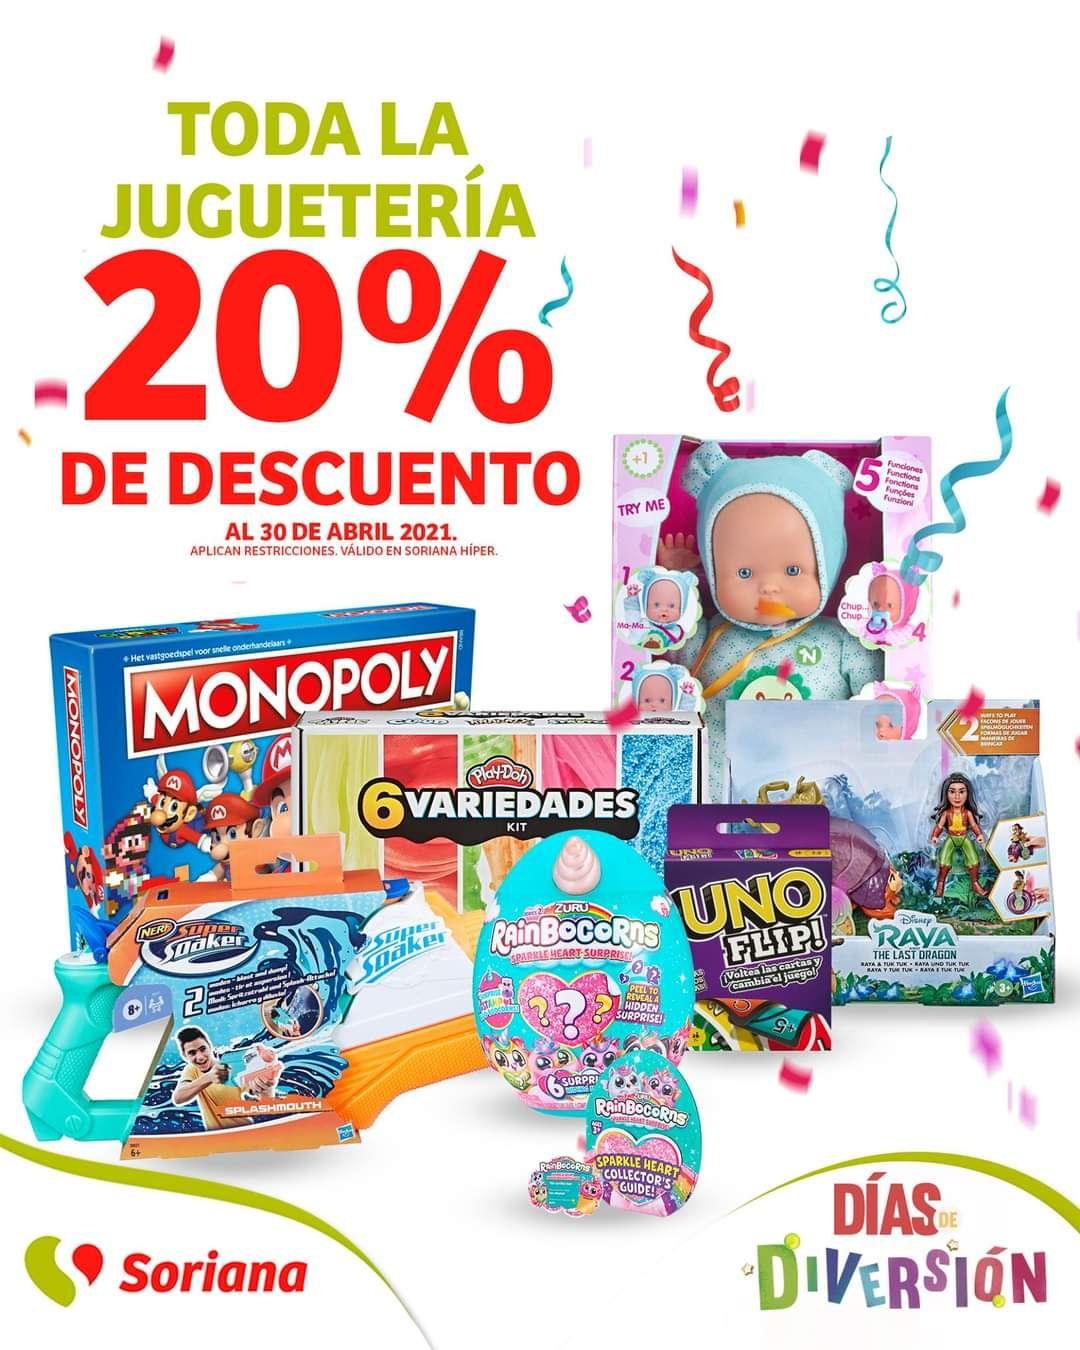 Soriana Híper: 20% de descuento en toda la juguetería